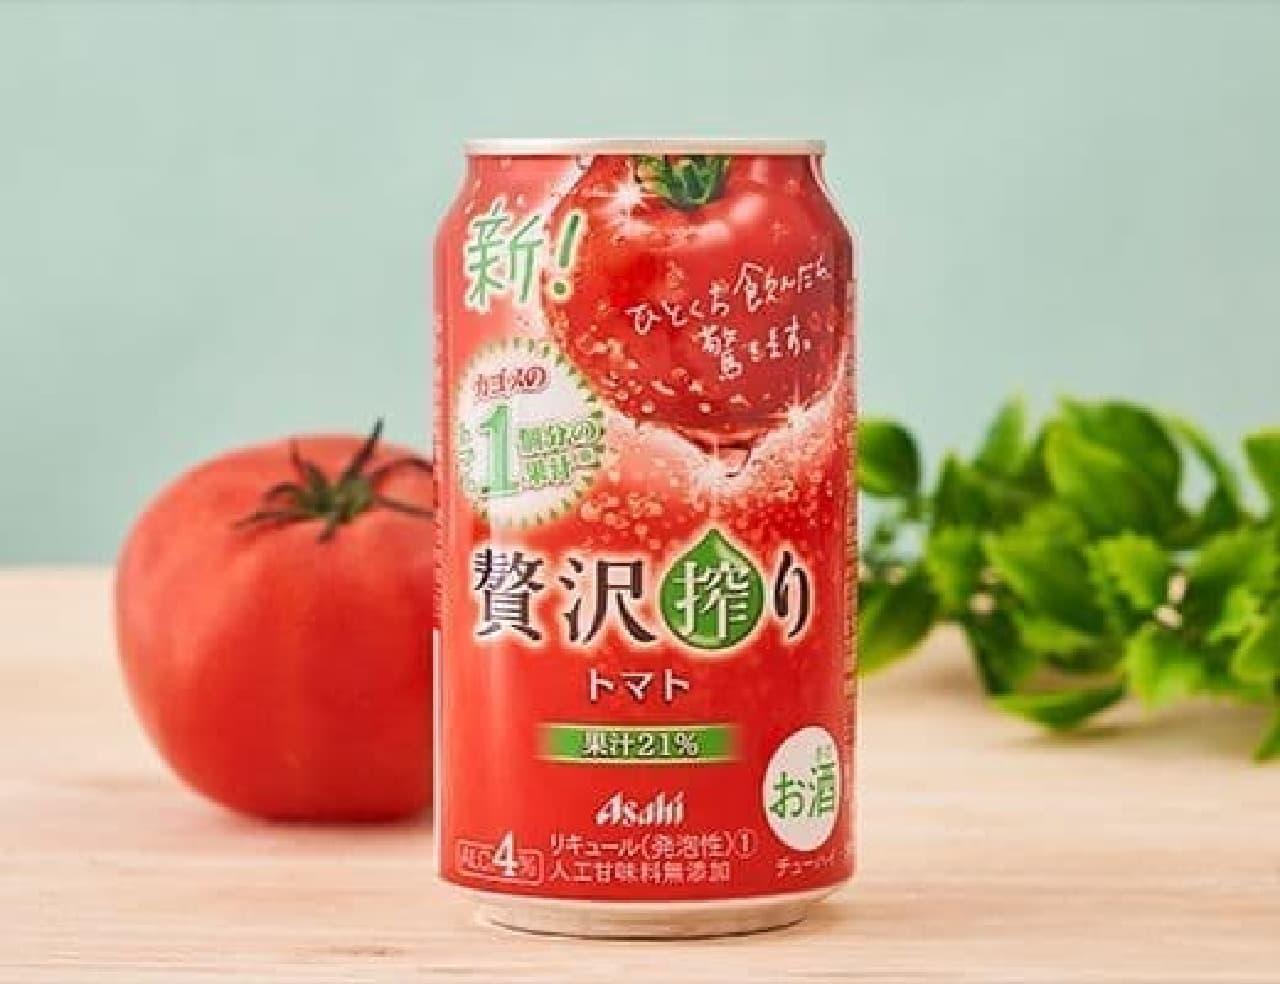 アサヒ 贅沢搾りトマト 350ml